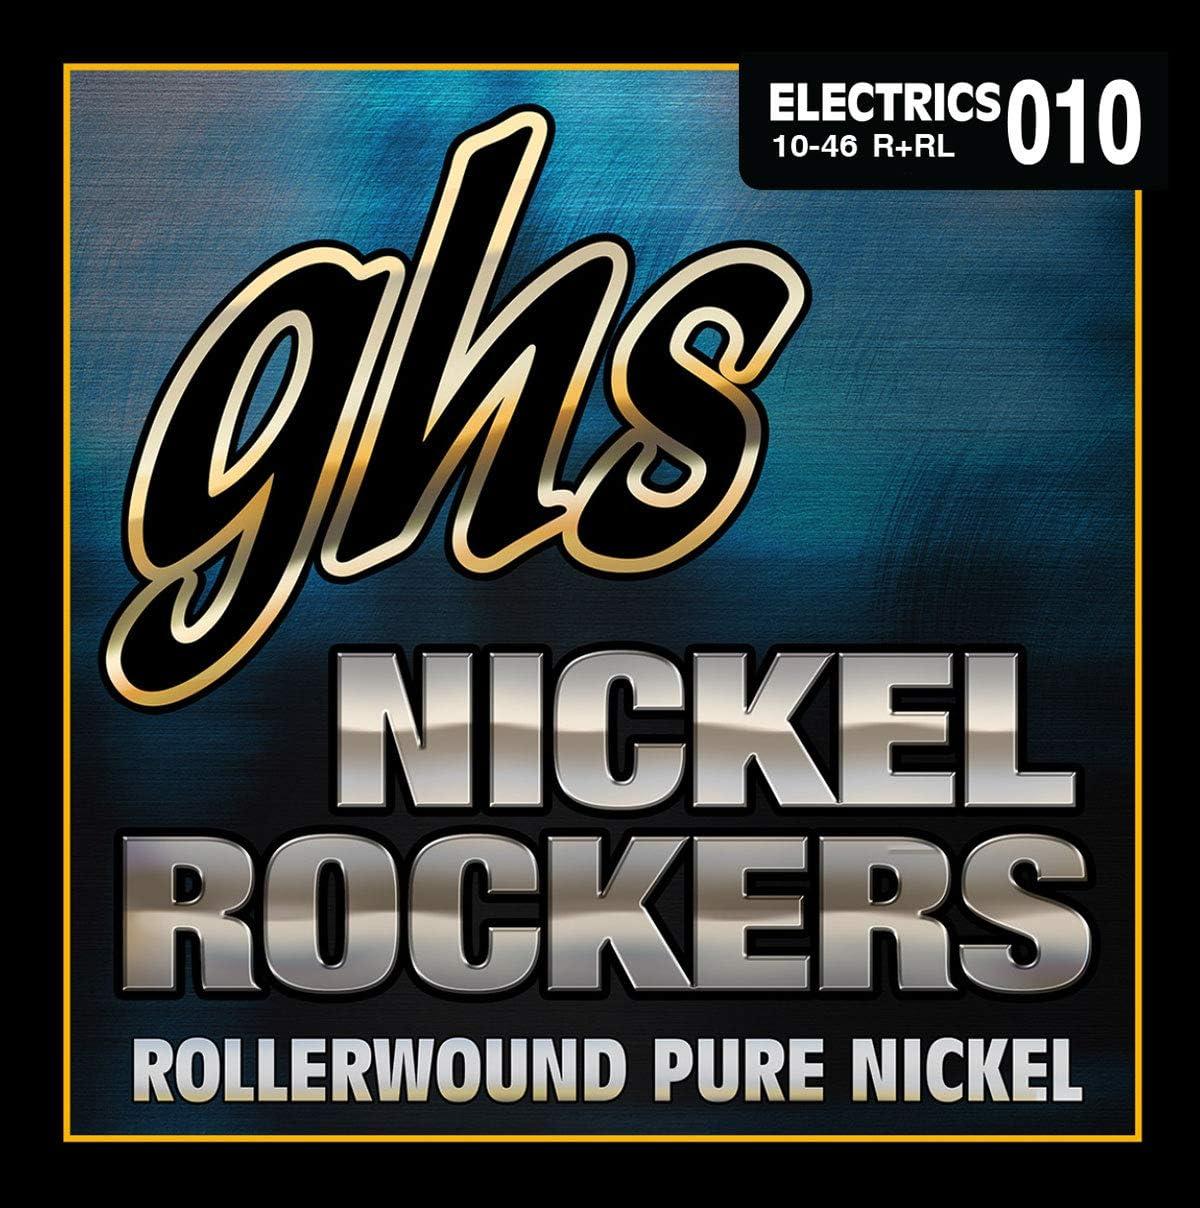 ghs R+RL - Juego de cuerdas para guitarra eléctrica de níquel, 10-46